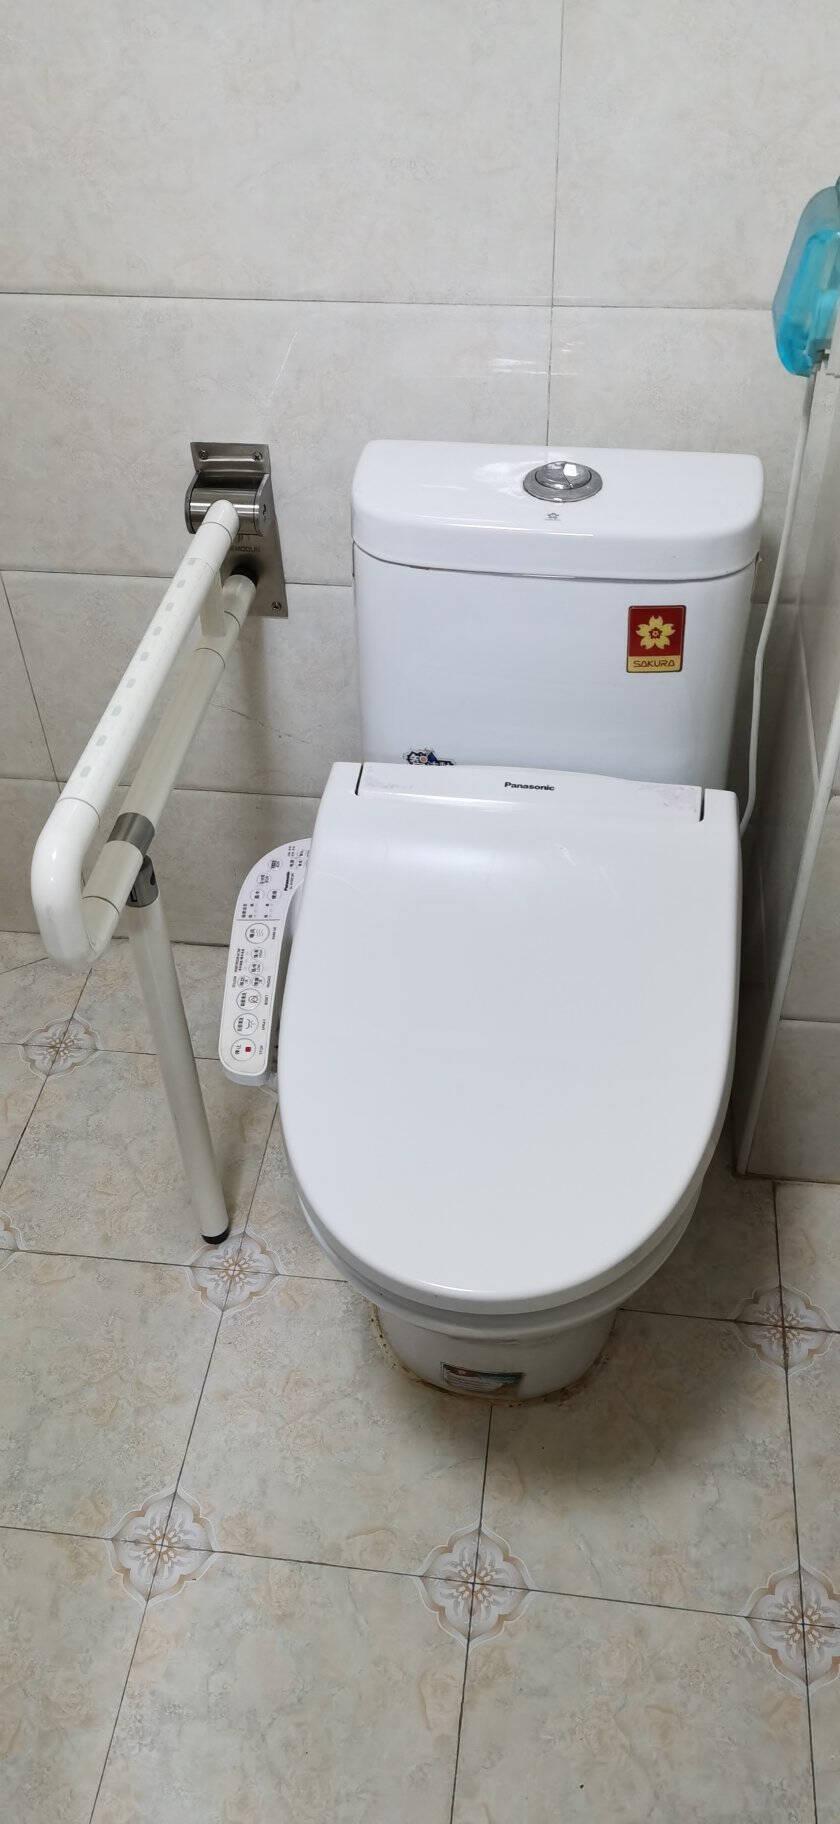 莫顿(MODUN)M-9FT-WU型上翻尼龙扶手带夜光浴室卫生间厕所无障碍残疾人老人安全防滑马桶栏杆拉手